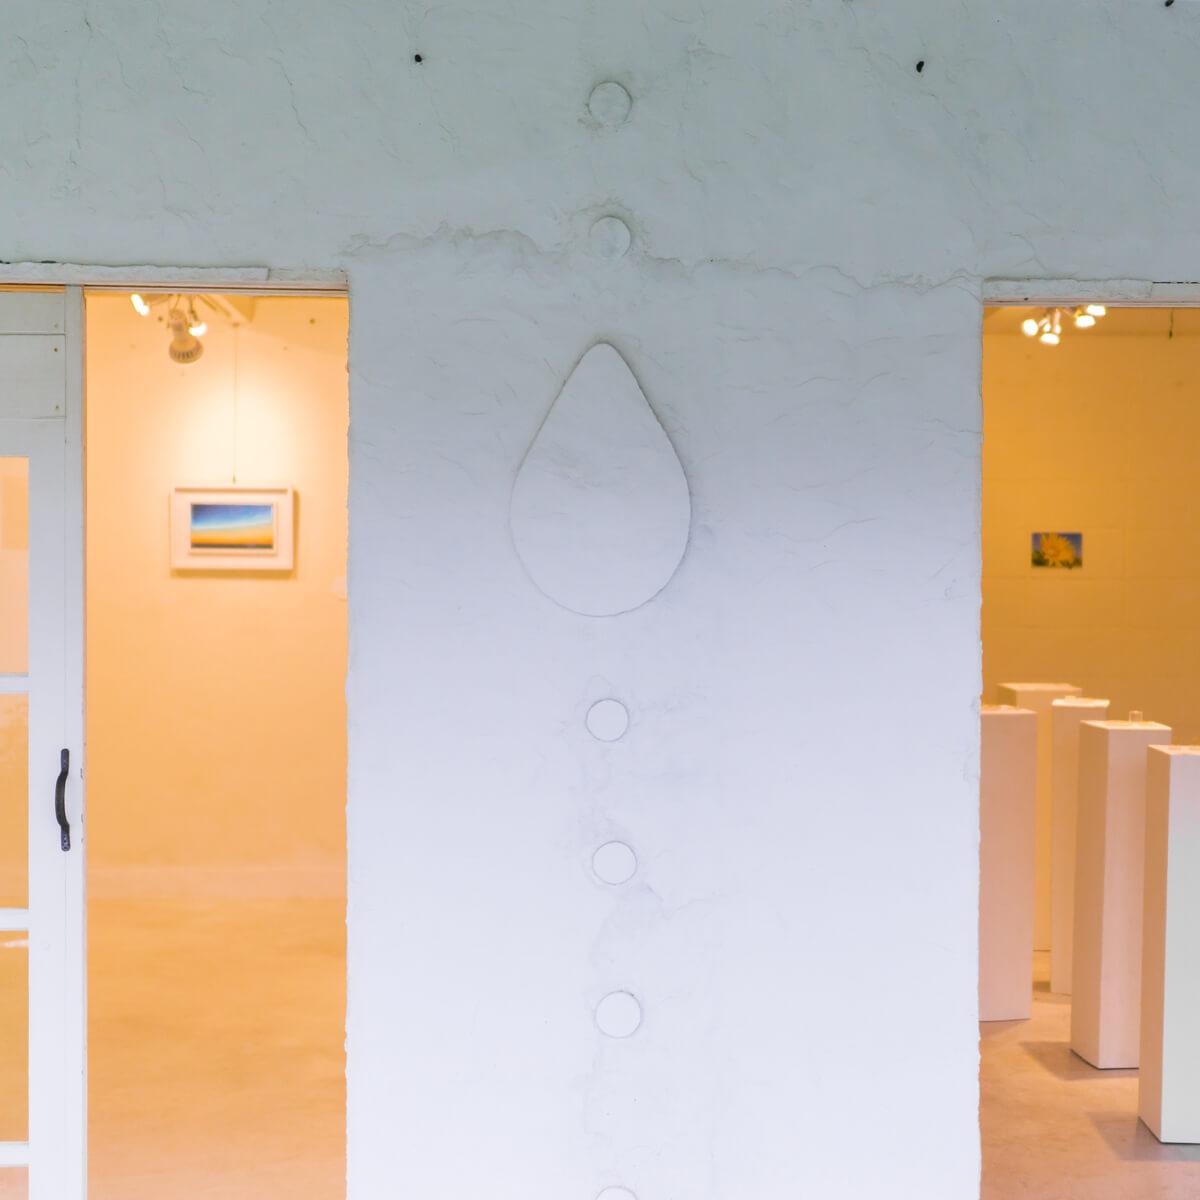 屋久島しずくギャラリー エントランス 屋久島でジュエリーと絵画のギャラリー